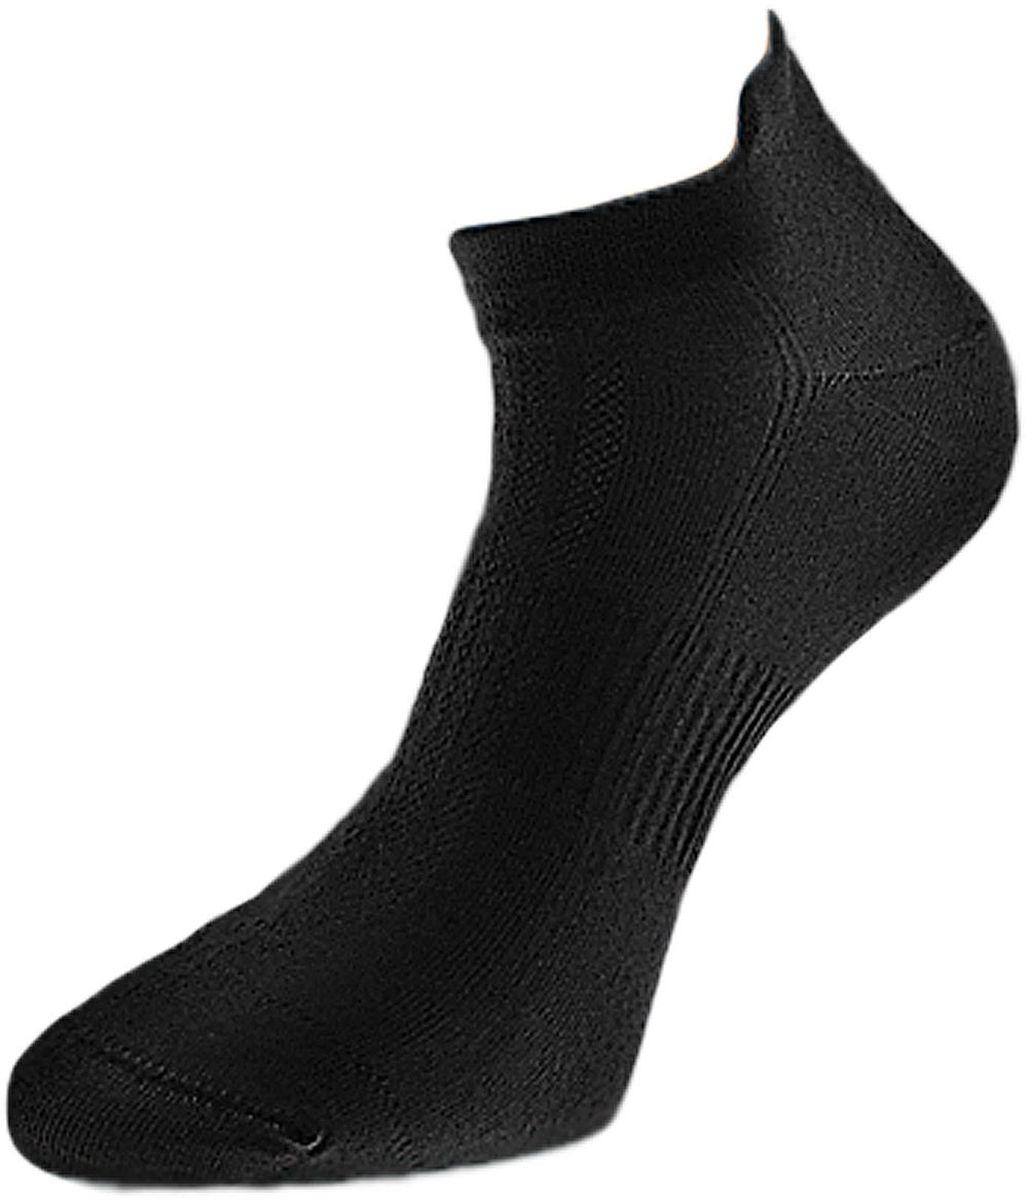 НоскиZCL109Мужские укороченные носки Гранд выполнены из хлопка, для занятий спортом. Основа материала - высококачественный хлопок. Носки хорошо держат форму и обладают повышенной воздухопроницаемостью, не линяют после многочисленных стирок, имеют укороченную высоту паголенка и усиленные пятку и мысок для повышенной износостойкости. Резинка вокруг стопы обеспечивает дополнительную фиксацию. Функция отвода влаги позволяет сохранить ноги сухими. Носки произведены по европейским стандартам на современных итальянских вязальных автоматах Busi Giovanni.